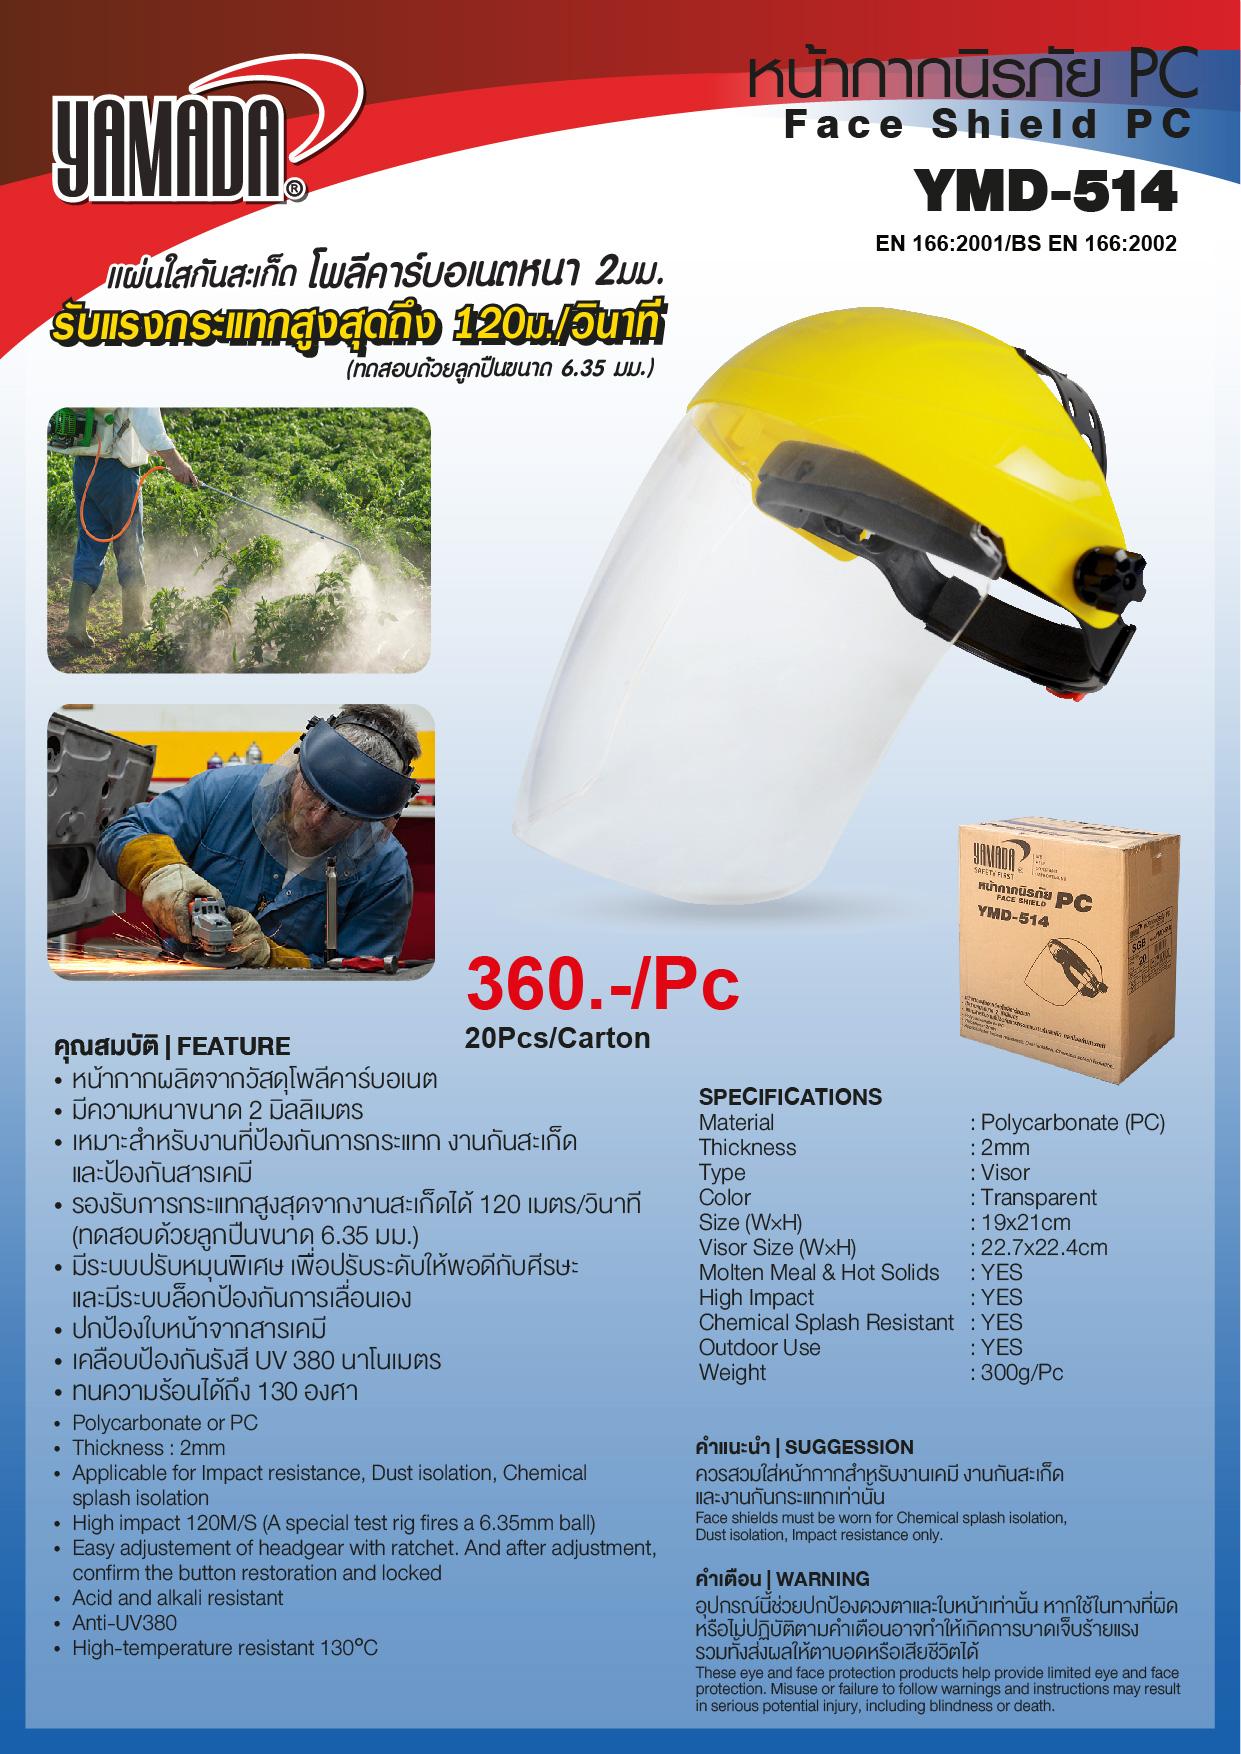 (4/6) หน้ากากนิรภัย PC  YMD-514